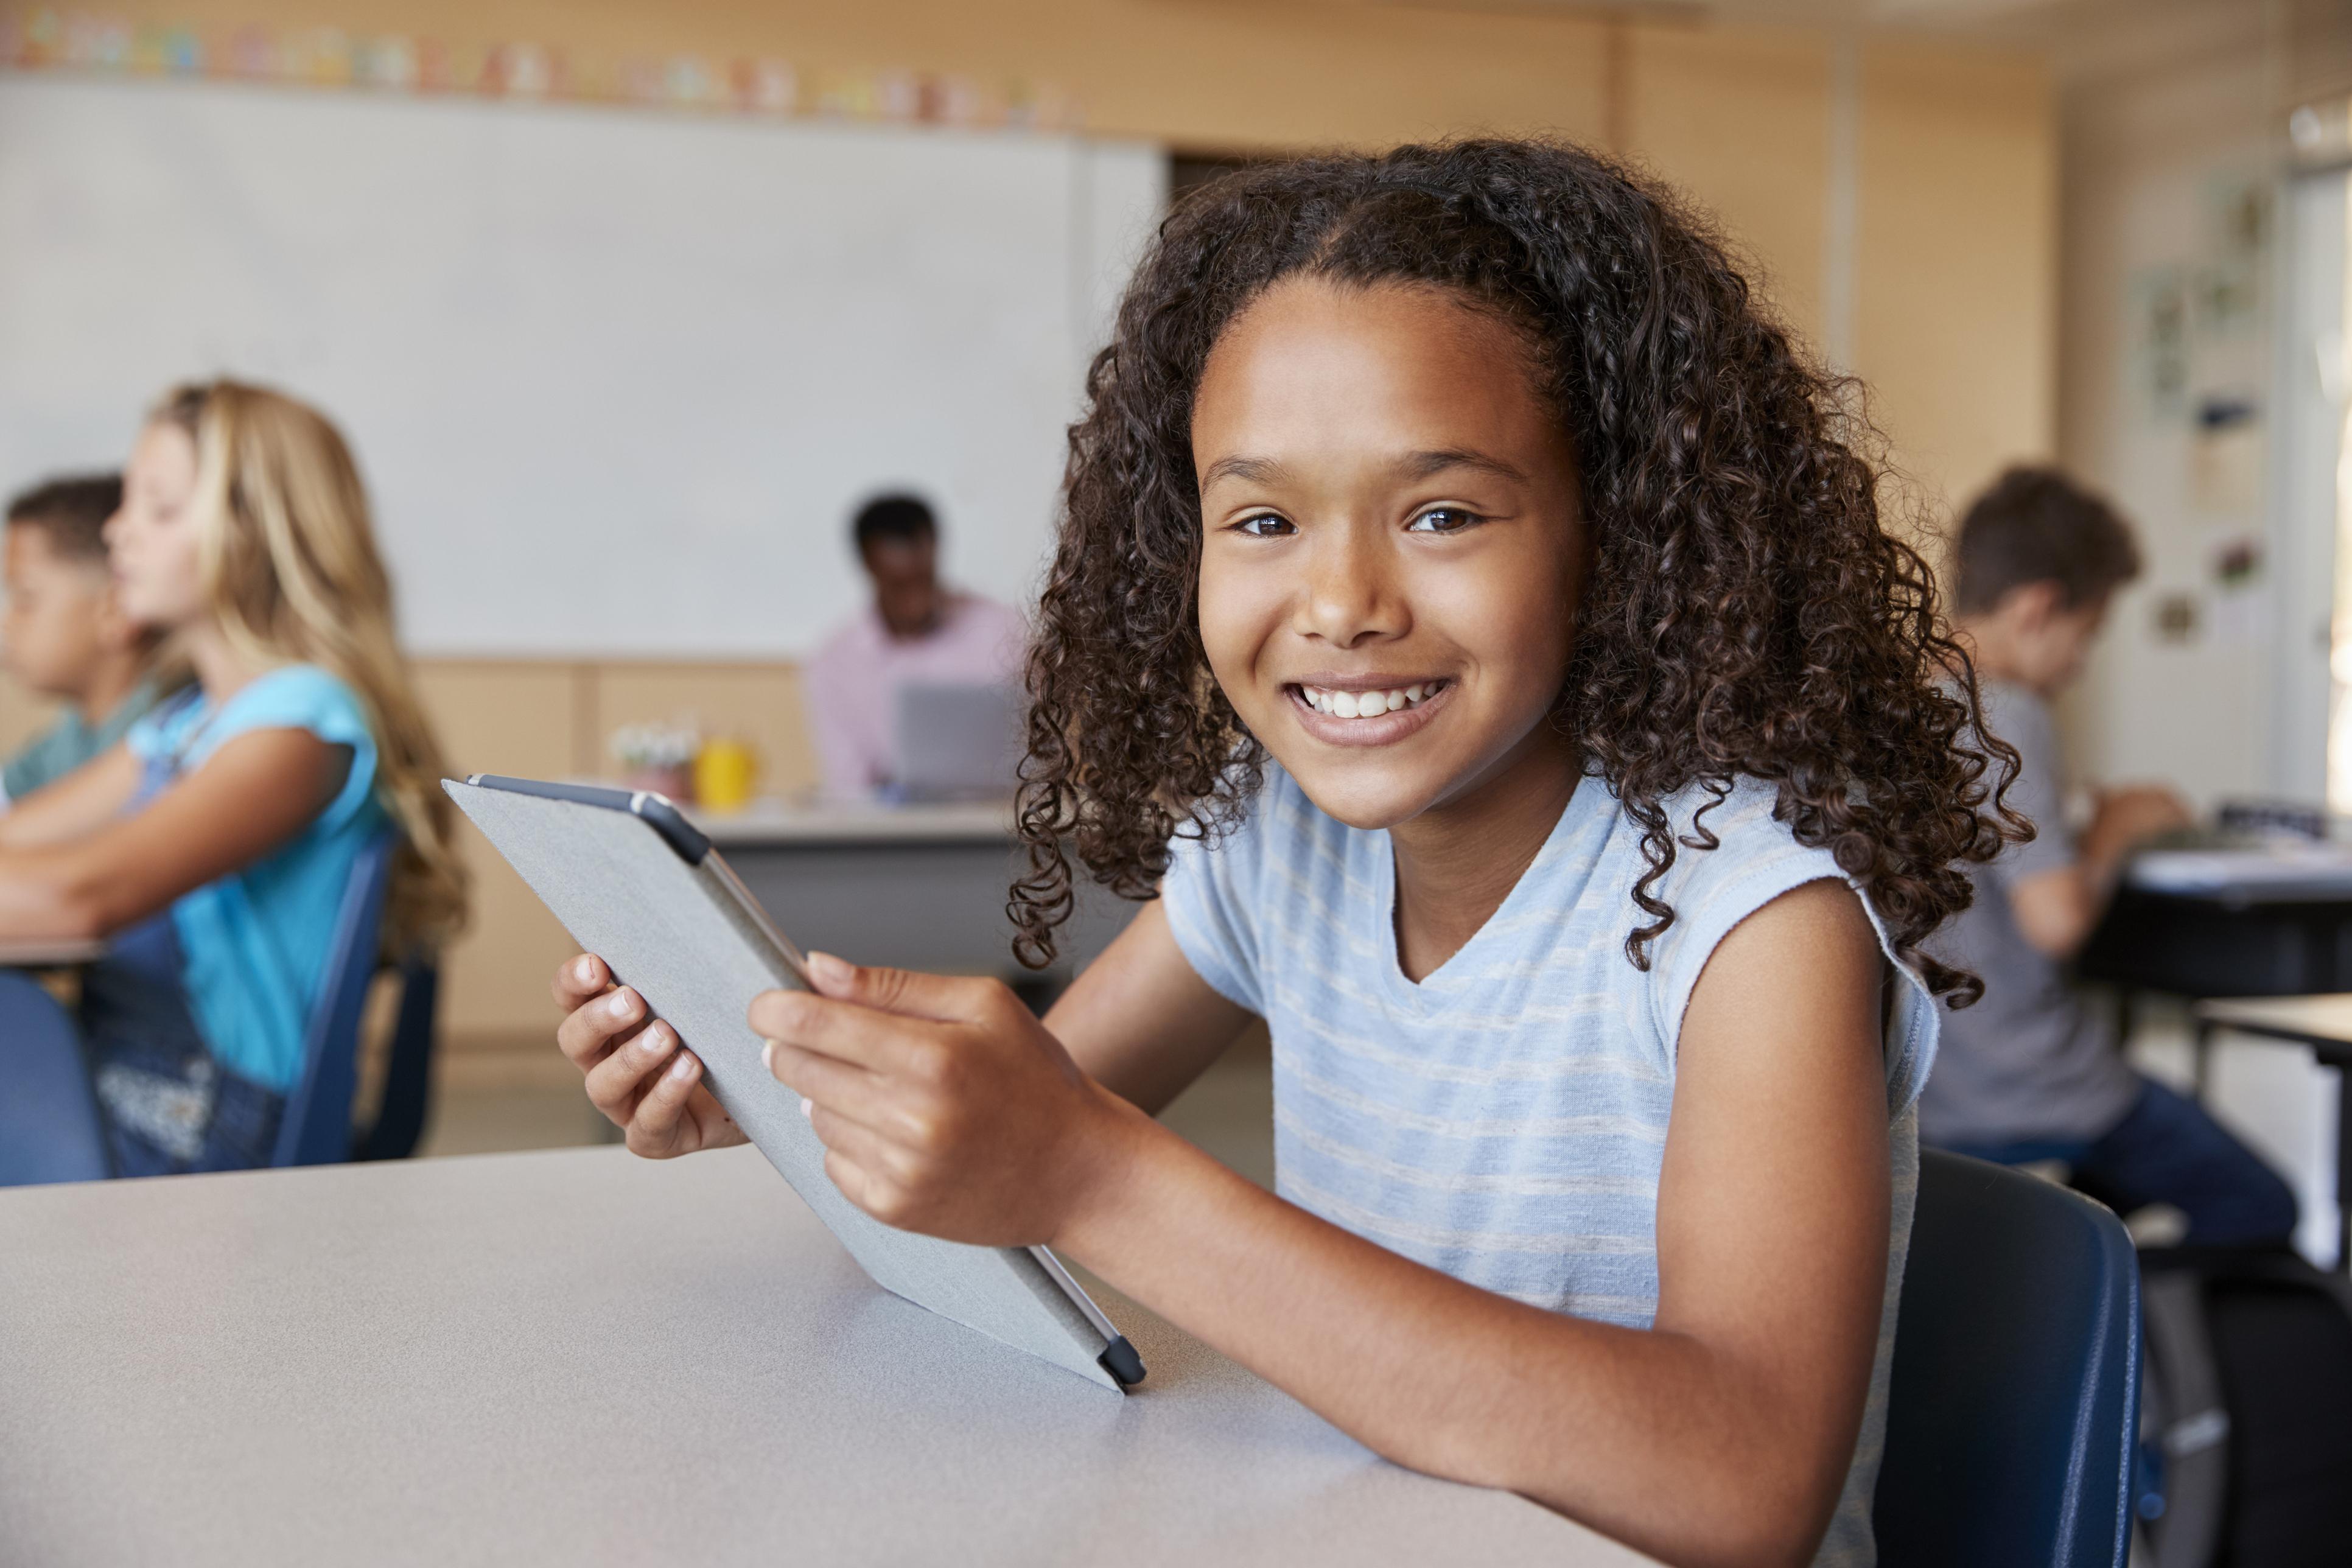 Crianças e tecnologia: até que ponto o uso das telinhas é saudável?